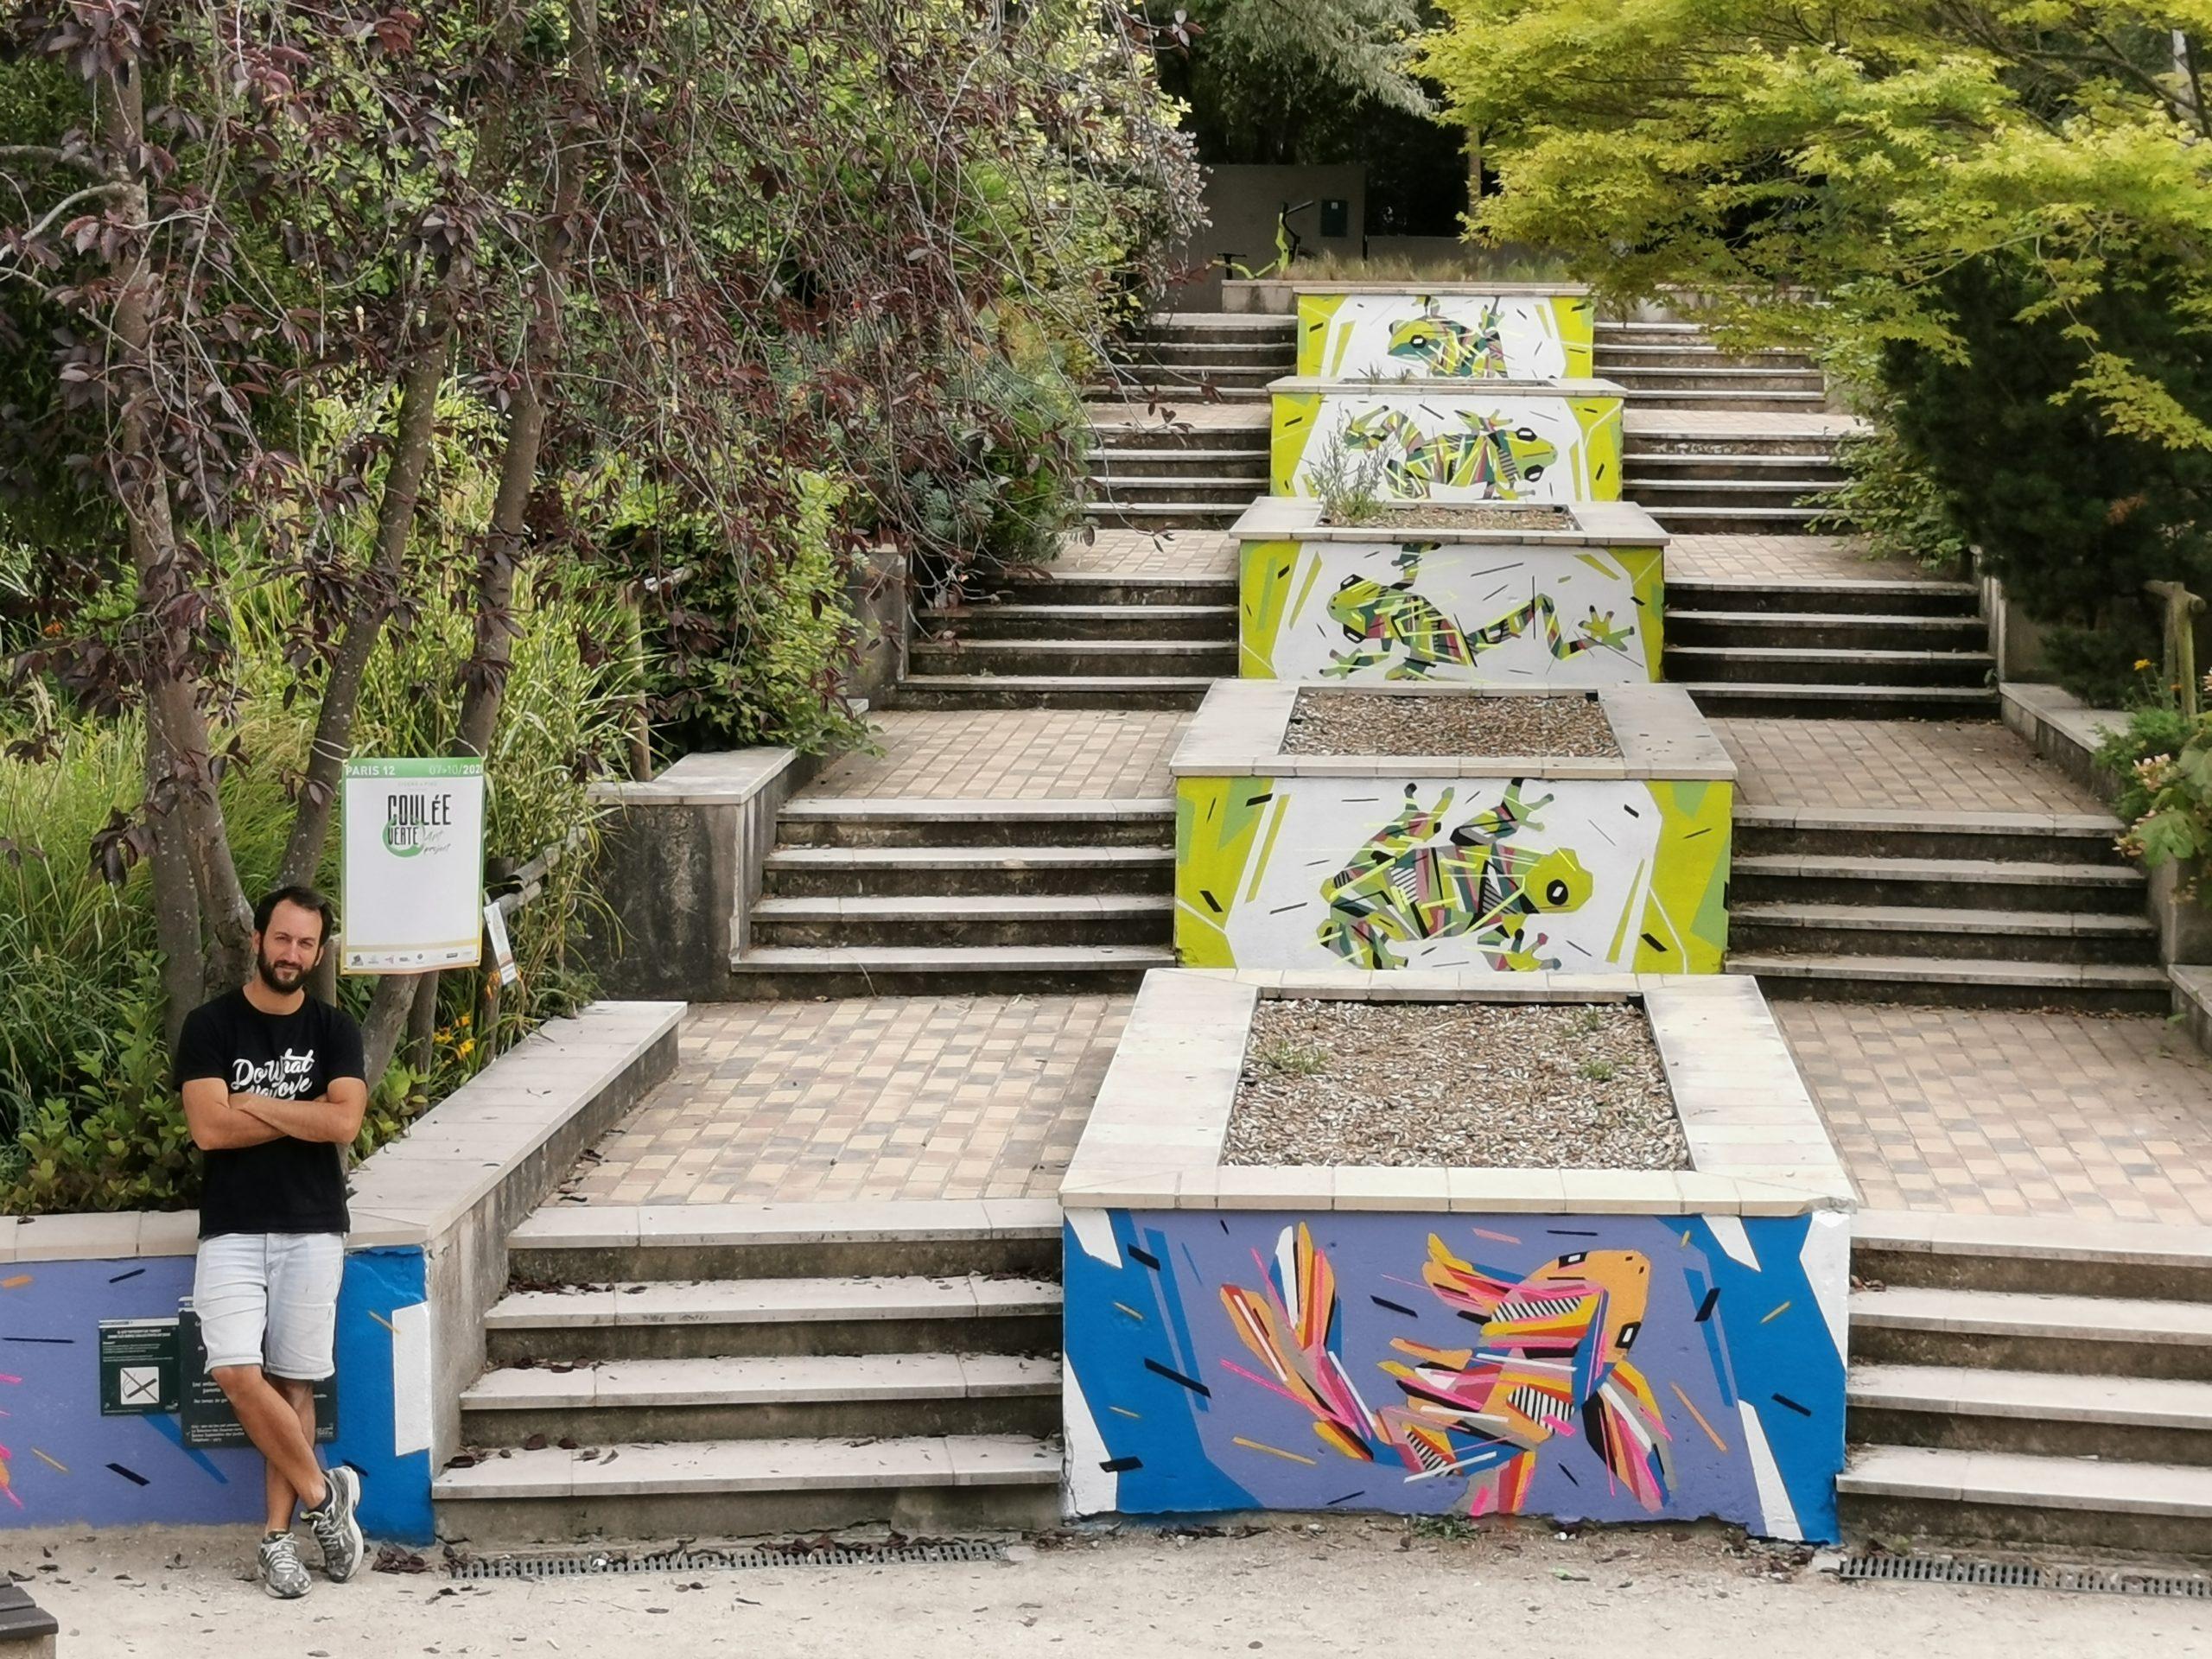 Fresque Graffaune Graffiti poissons et batraciens réalisée par Daco